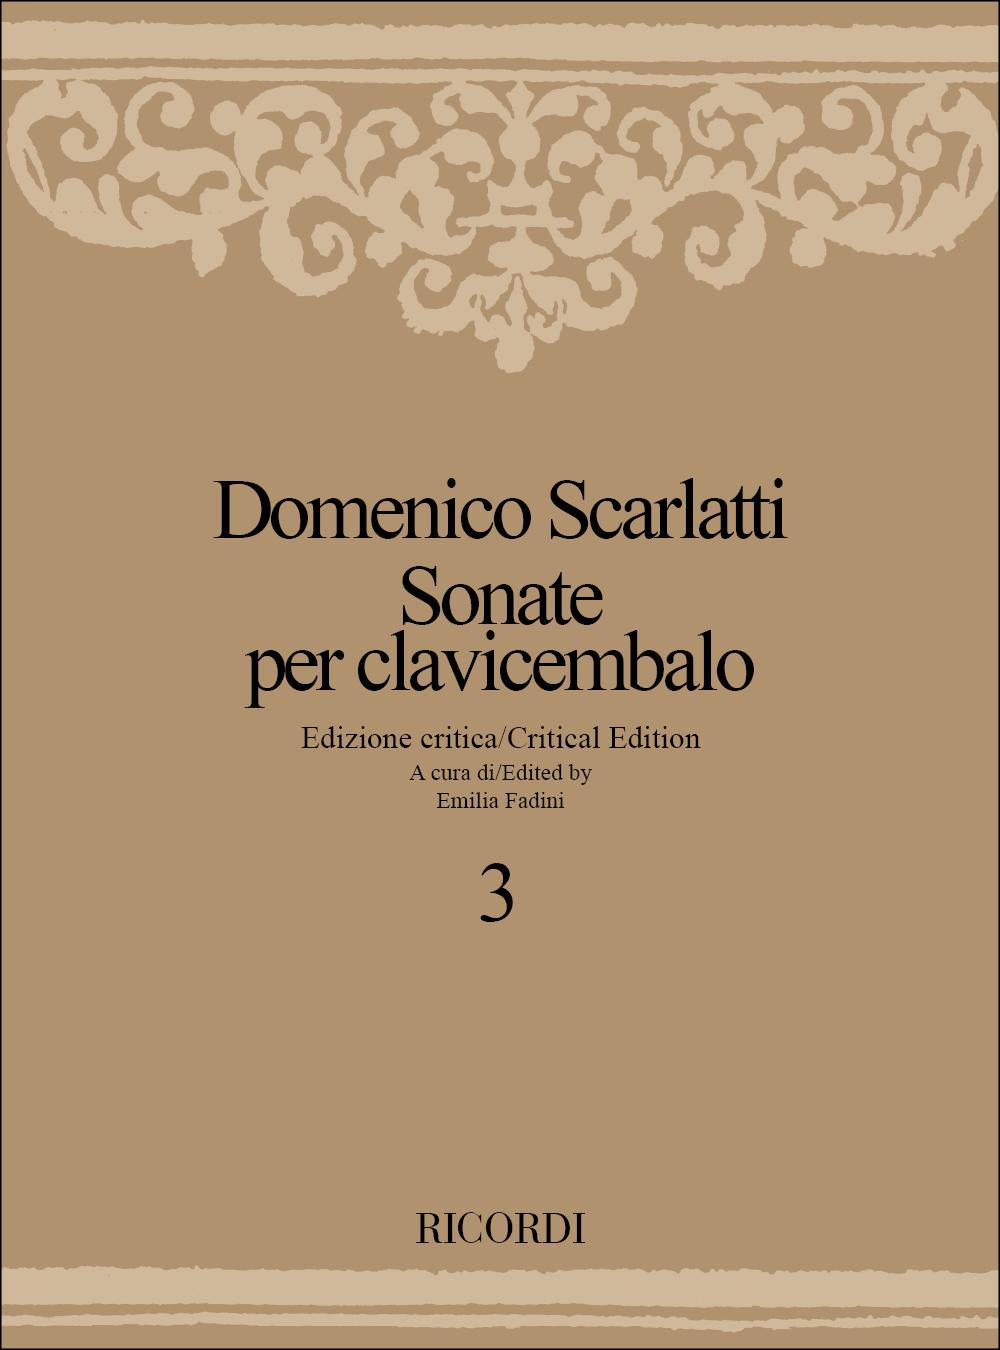 Domenico Scarlatti: Sonate Per Clavicembalo - Volume 3: Harpsichord